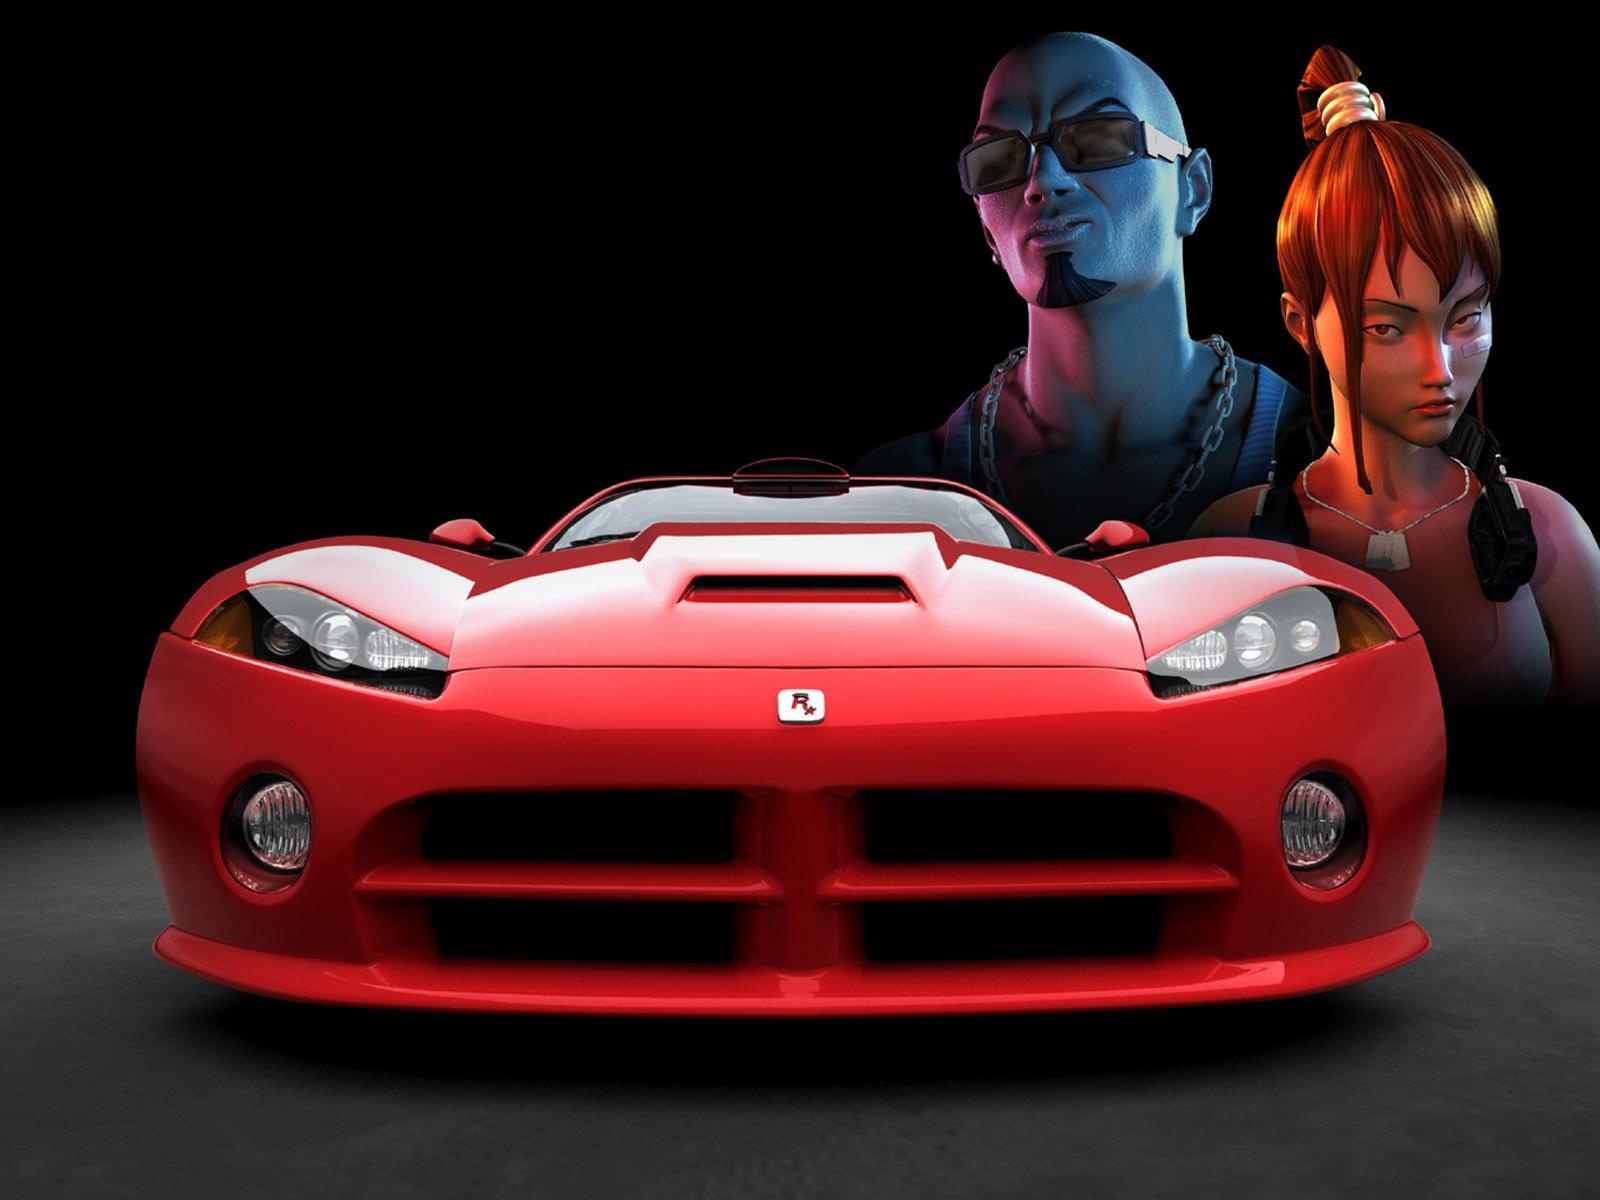 http://2.bp.blogspot.com/-clUFp2DJ3xQ/T2qZLmmi85I/AAAAAAAAHSo/_ef-mxDmjR4/s1600/red-de-autos-deportivos-wallpapers_12038_1600x1200.jpg